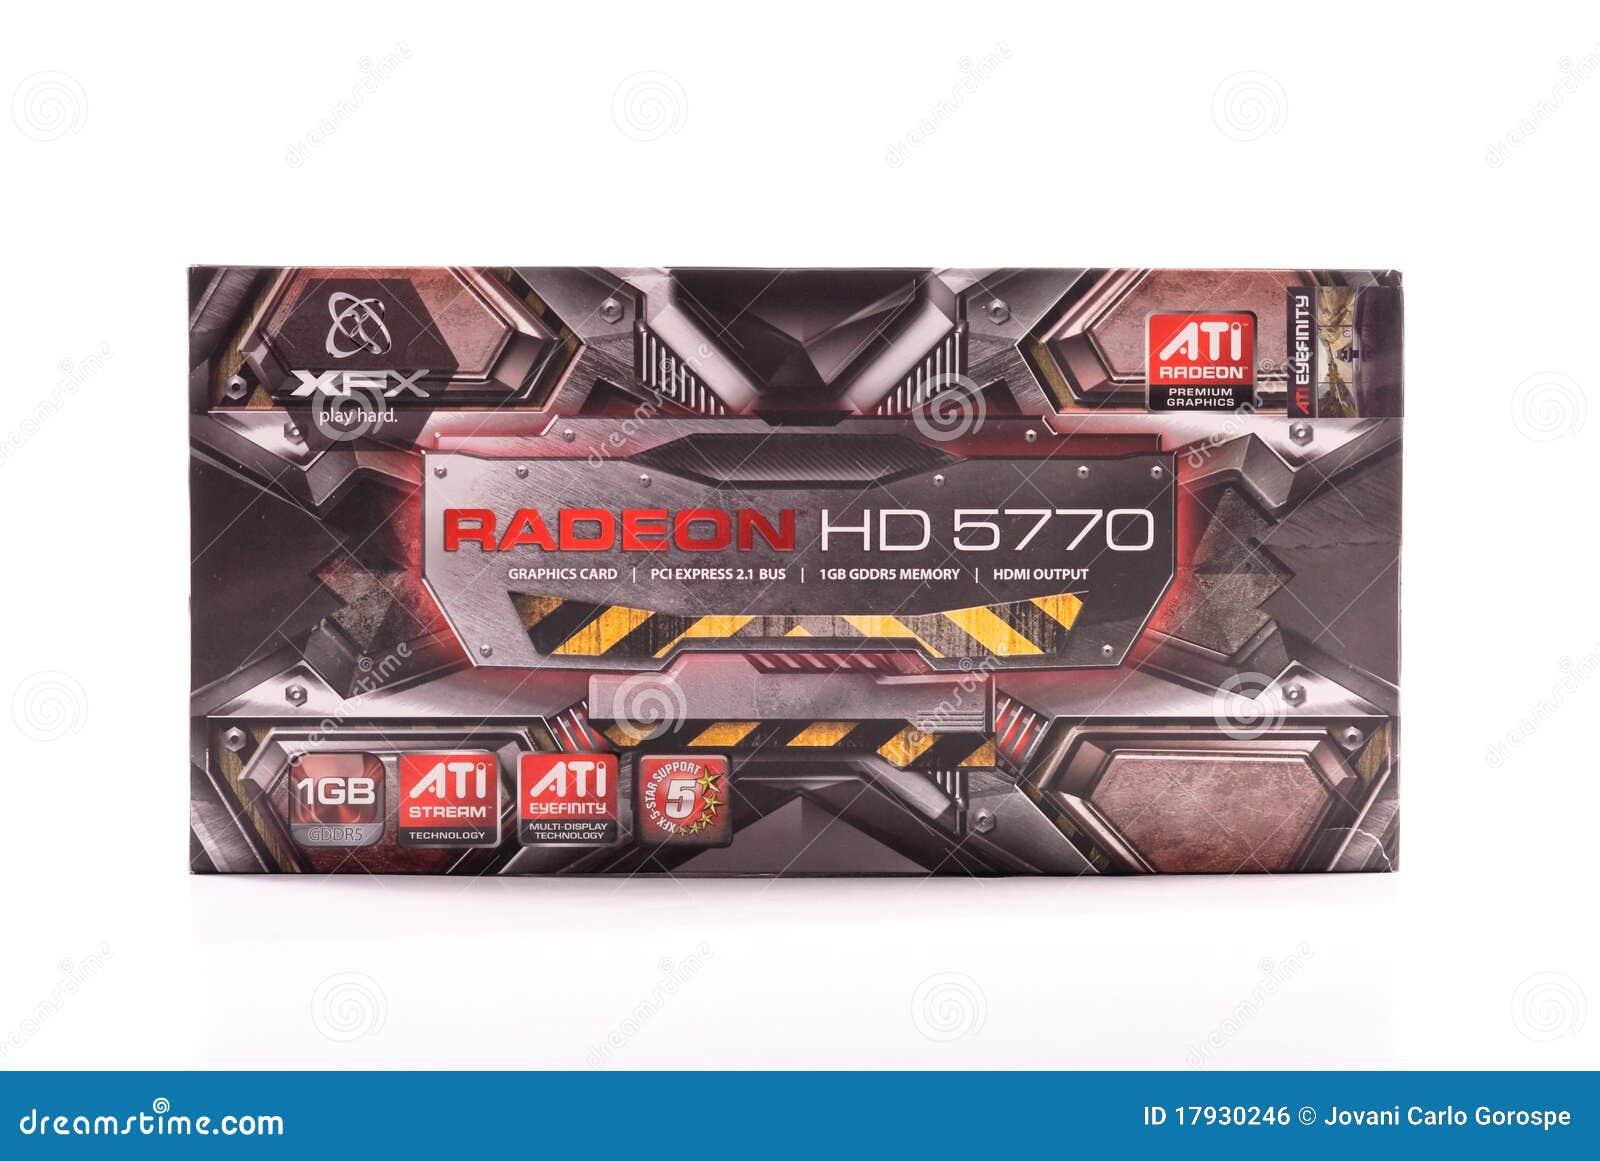 Radeon графиков карточки ati